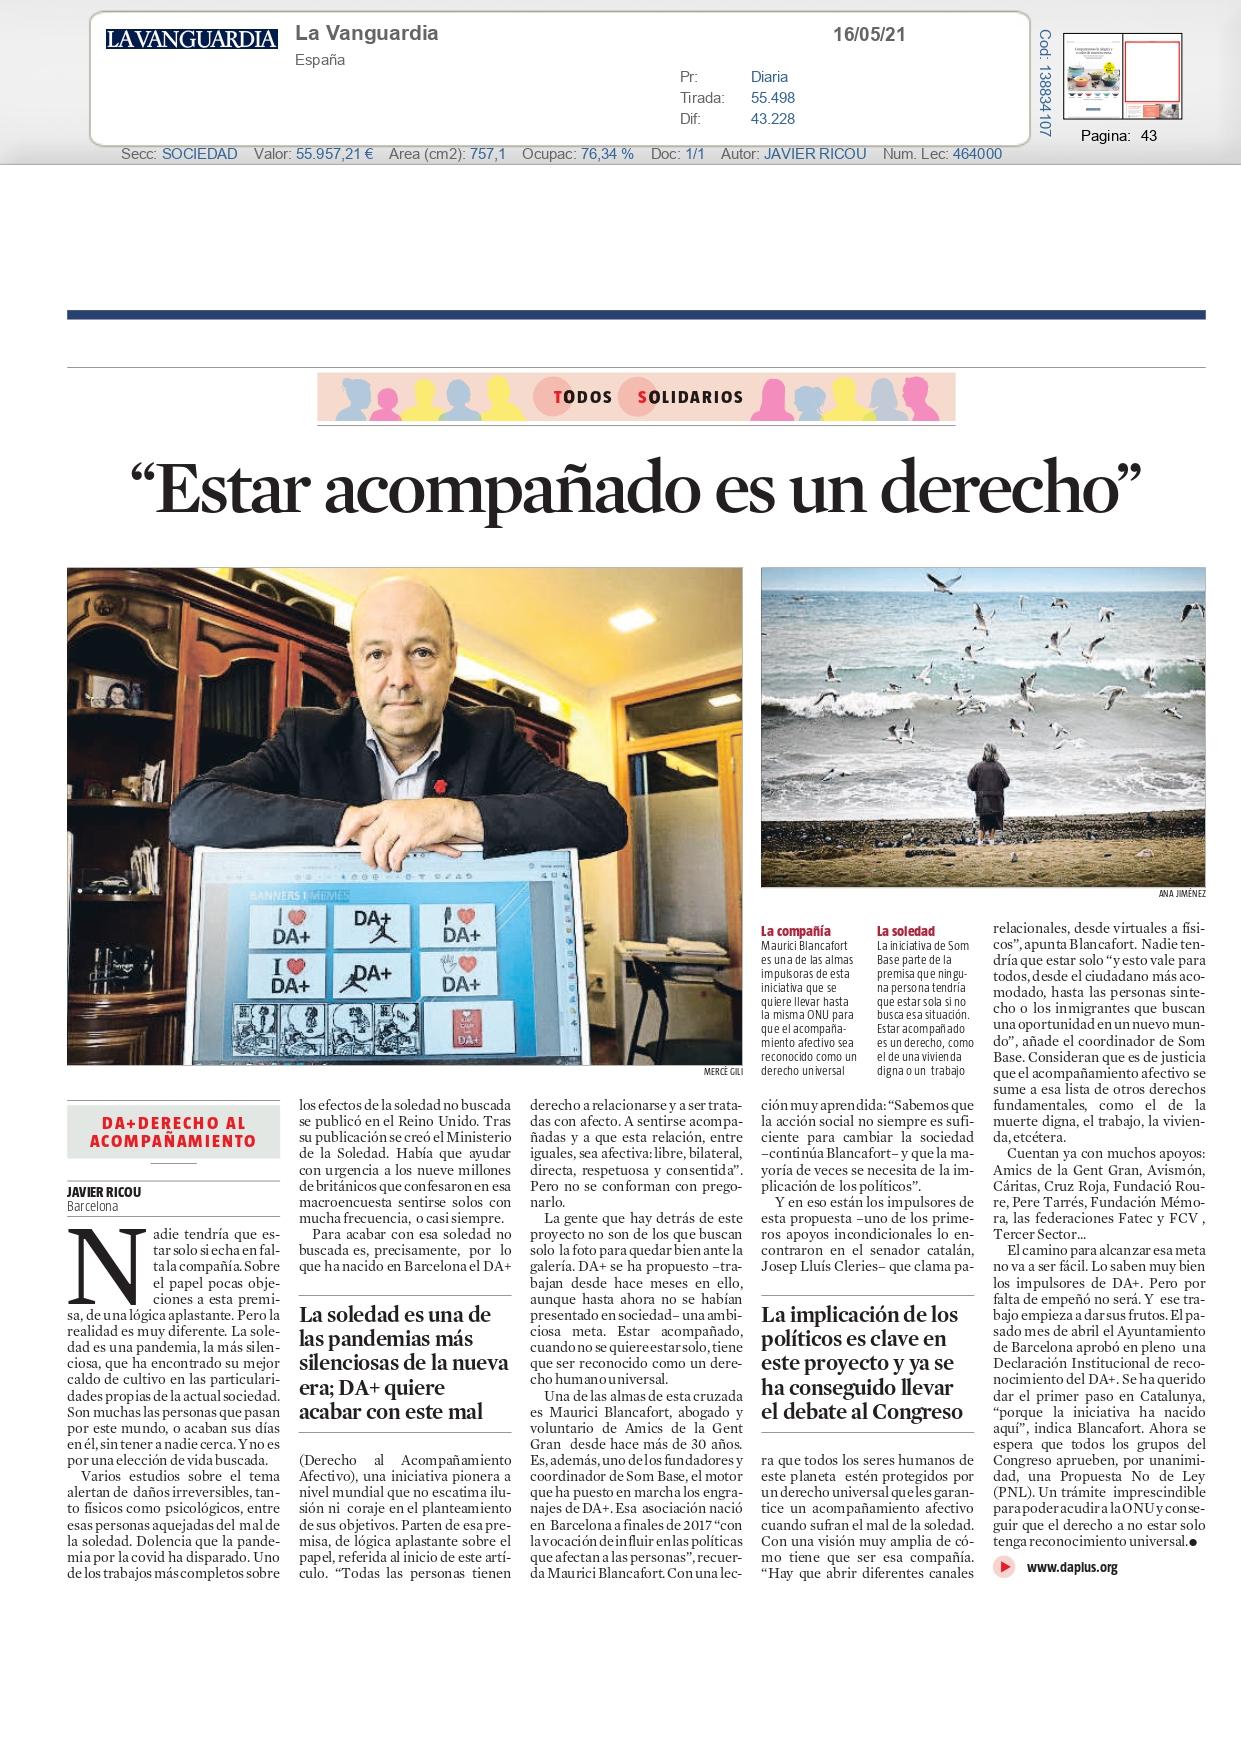 Som Base – La Vanguardia, Maig 2021 gabinete de prensa